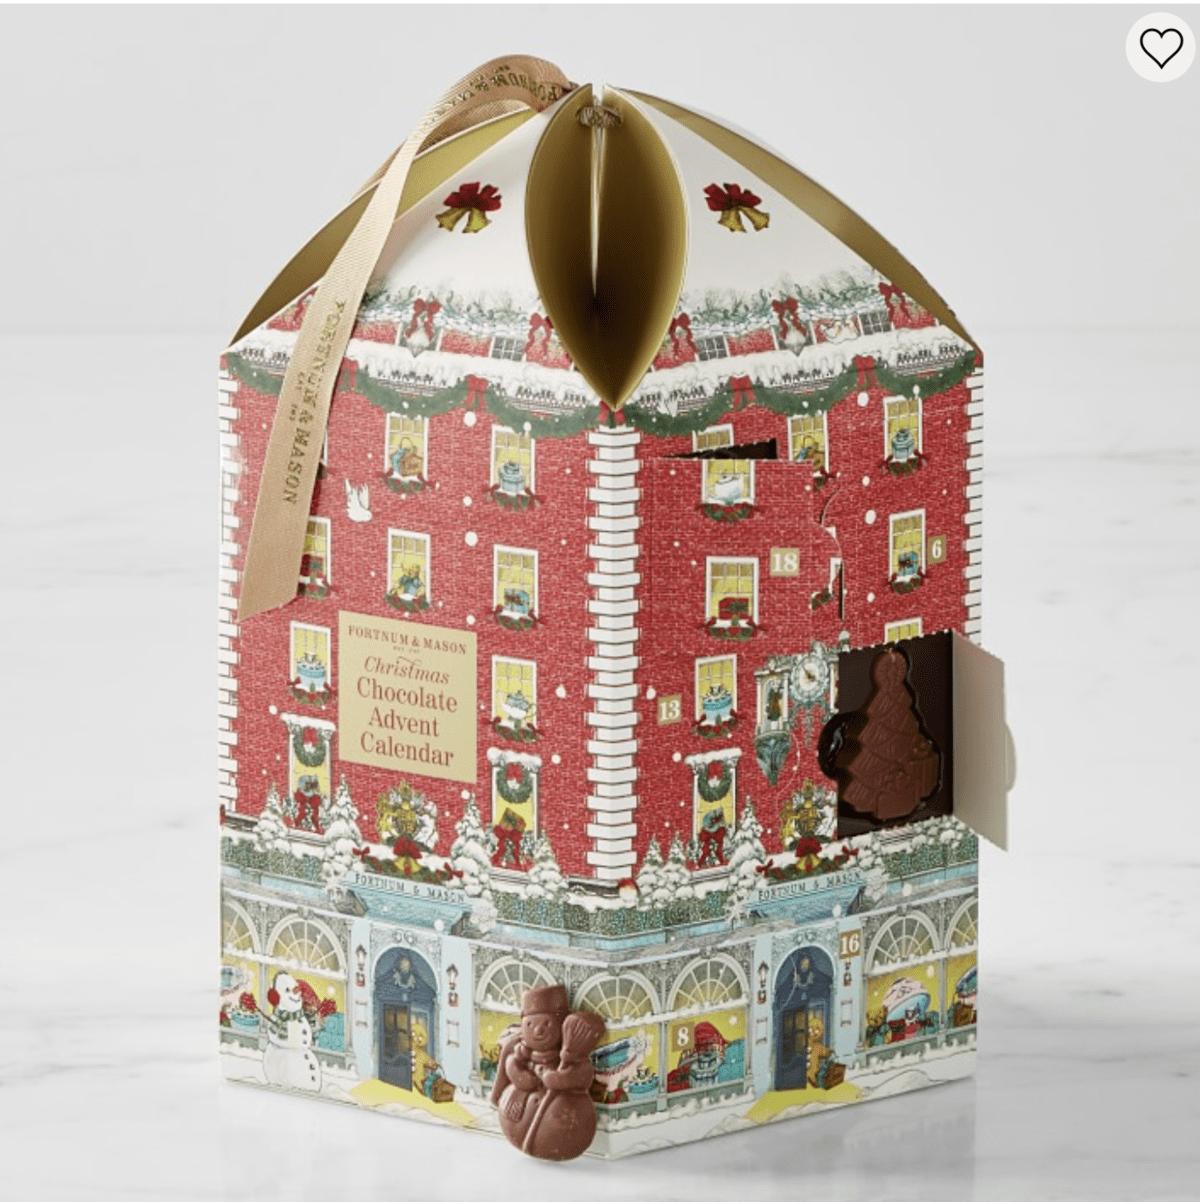 Fortnum & Mason Children's Advent Calendar – On Sale Now + Full Spoilers!